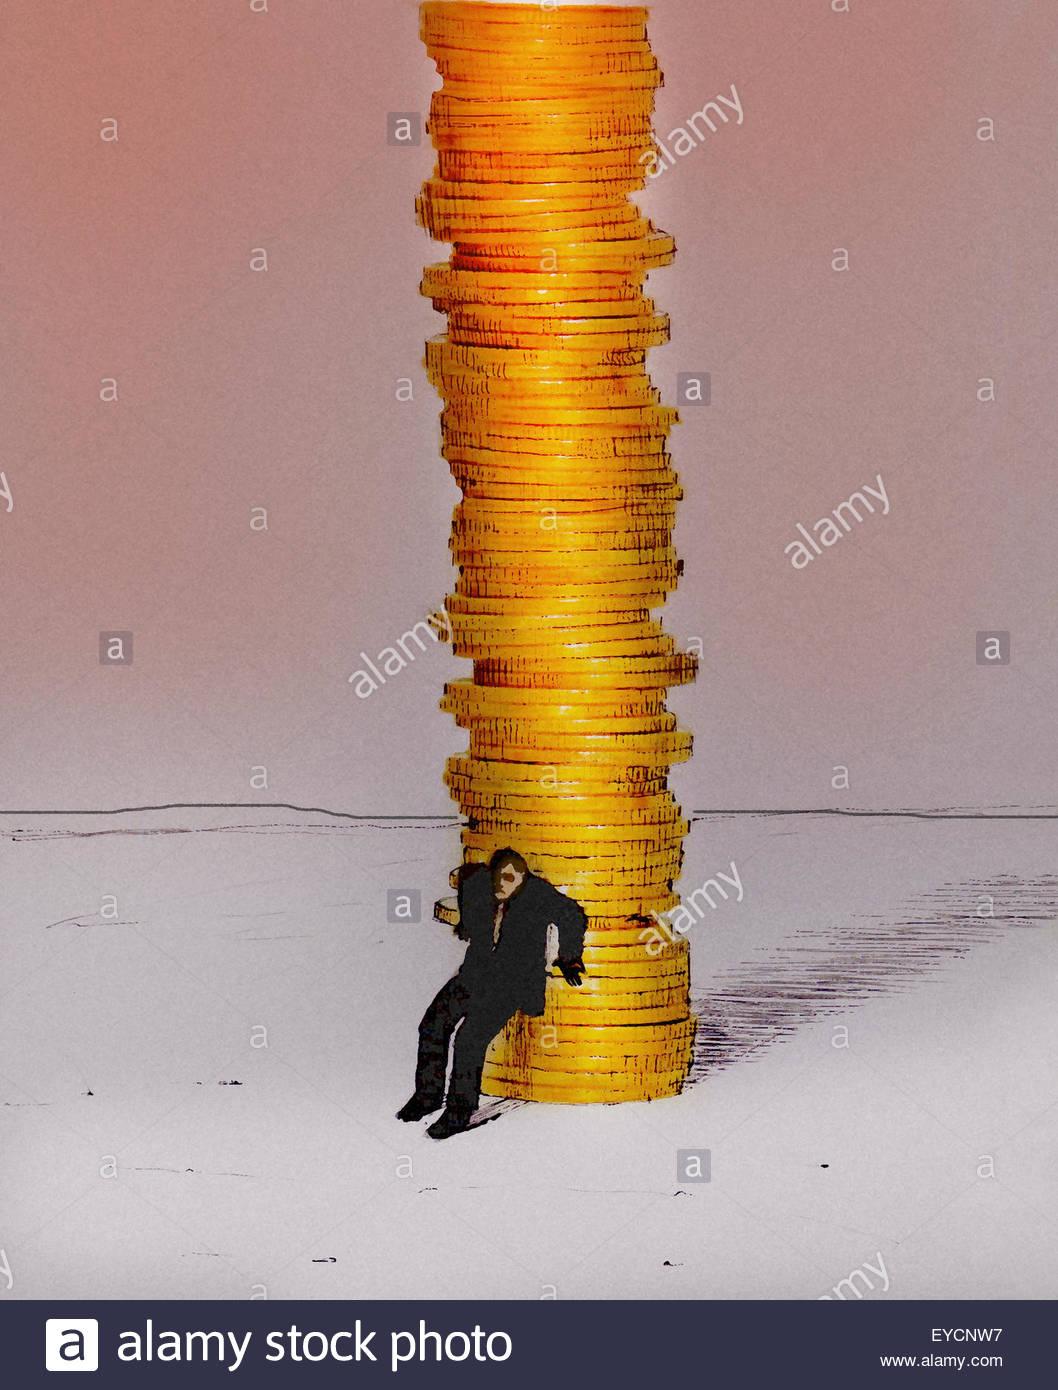 Schutz der großen Haufen Geld Geschäftsmann Stockbild